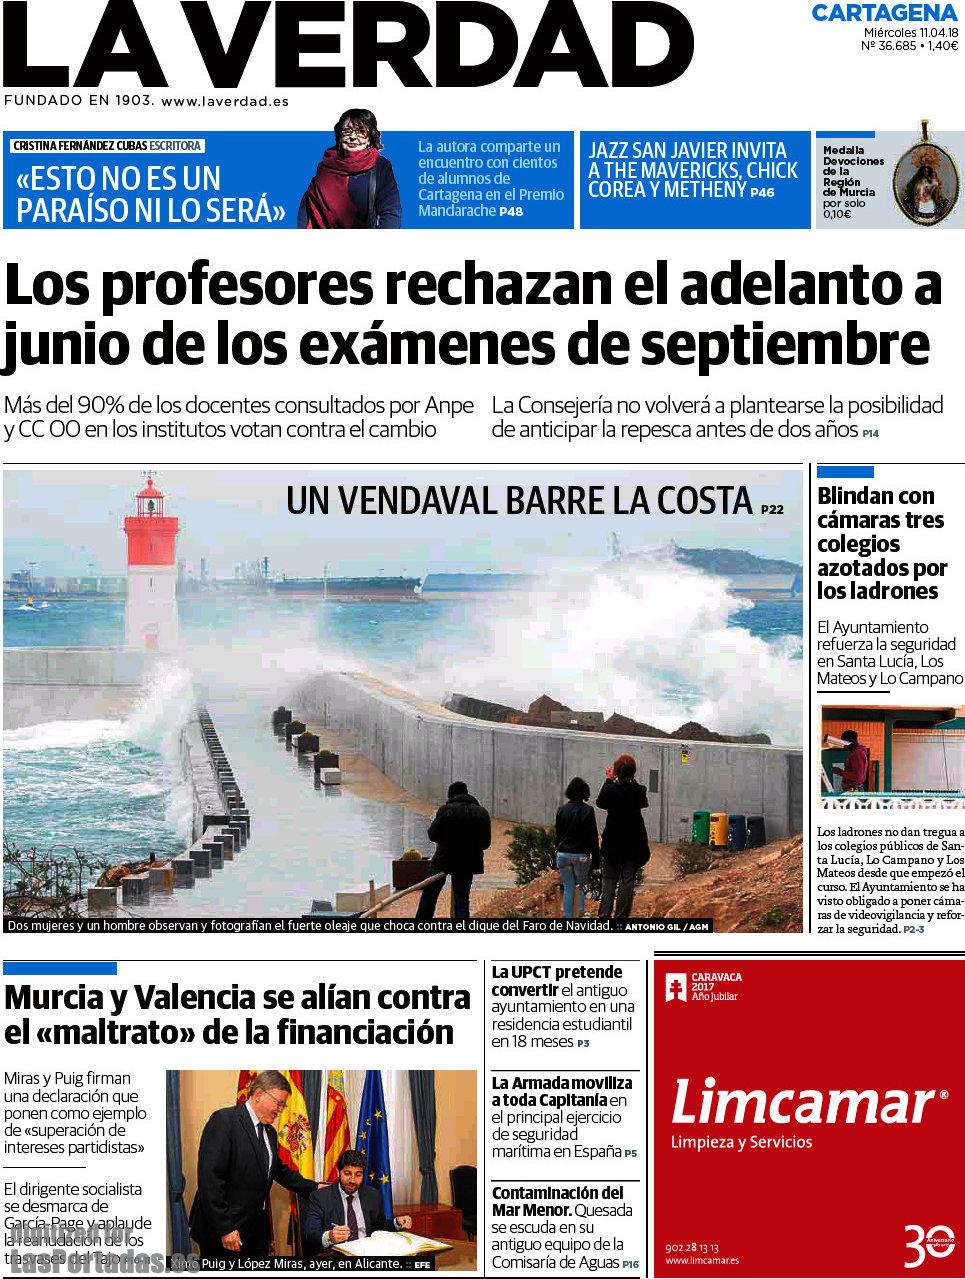 Periodico La Verdad Cartagena - 11/4/2018